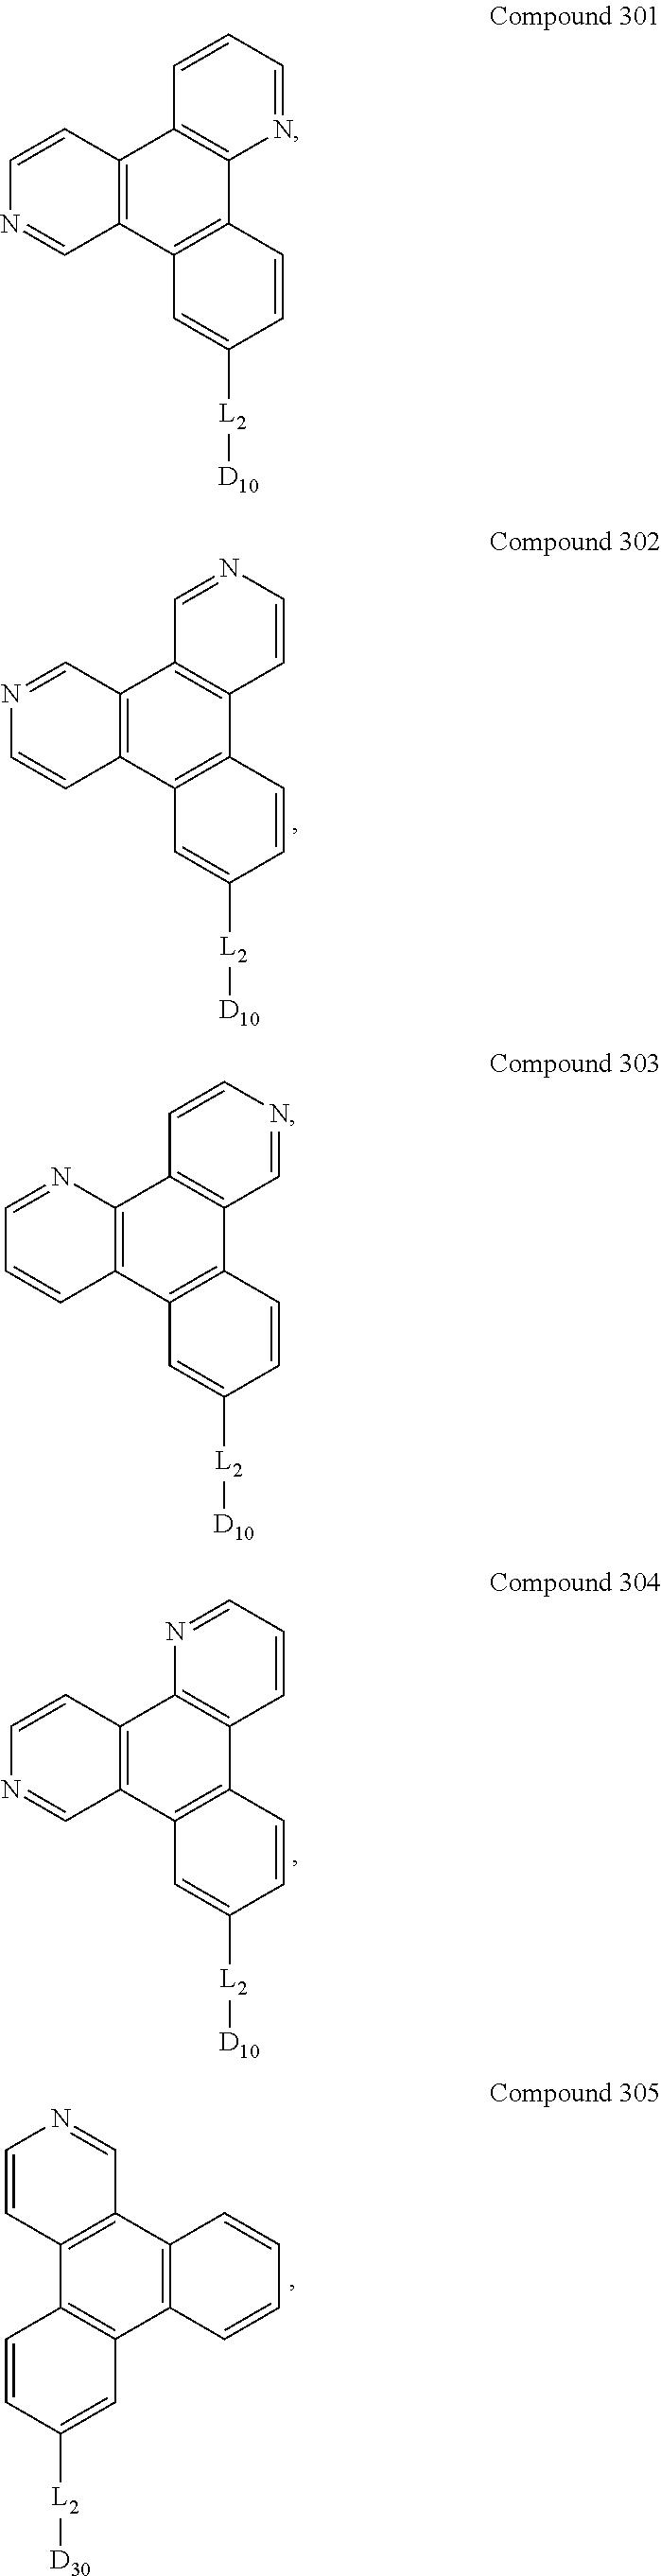 Figure US09537106-20170103-C00216